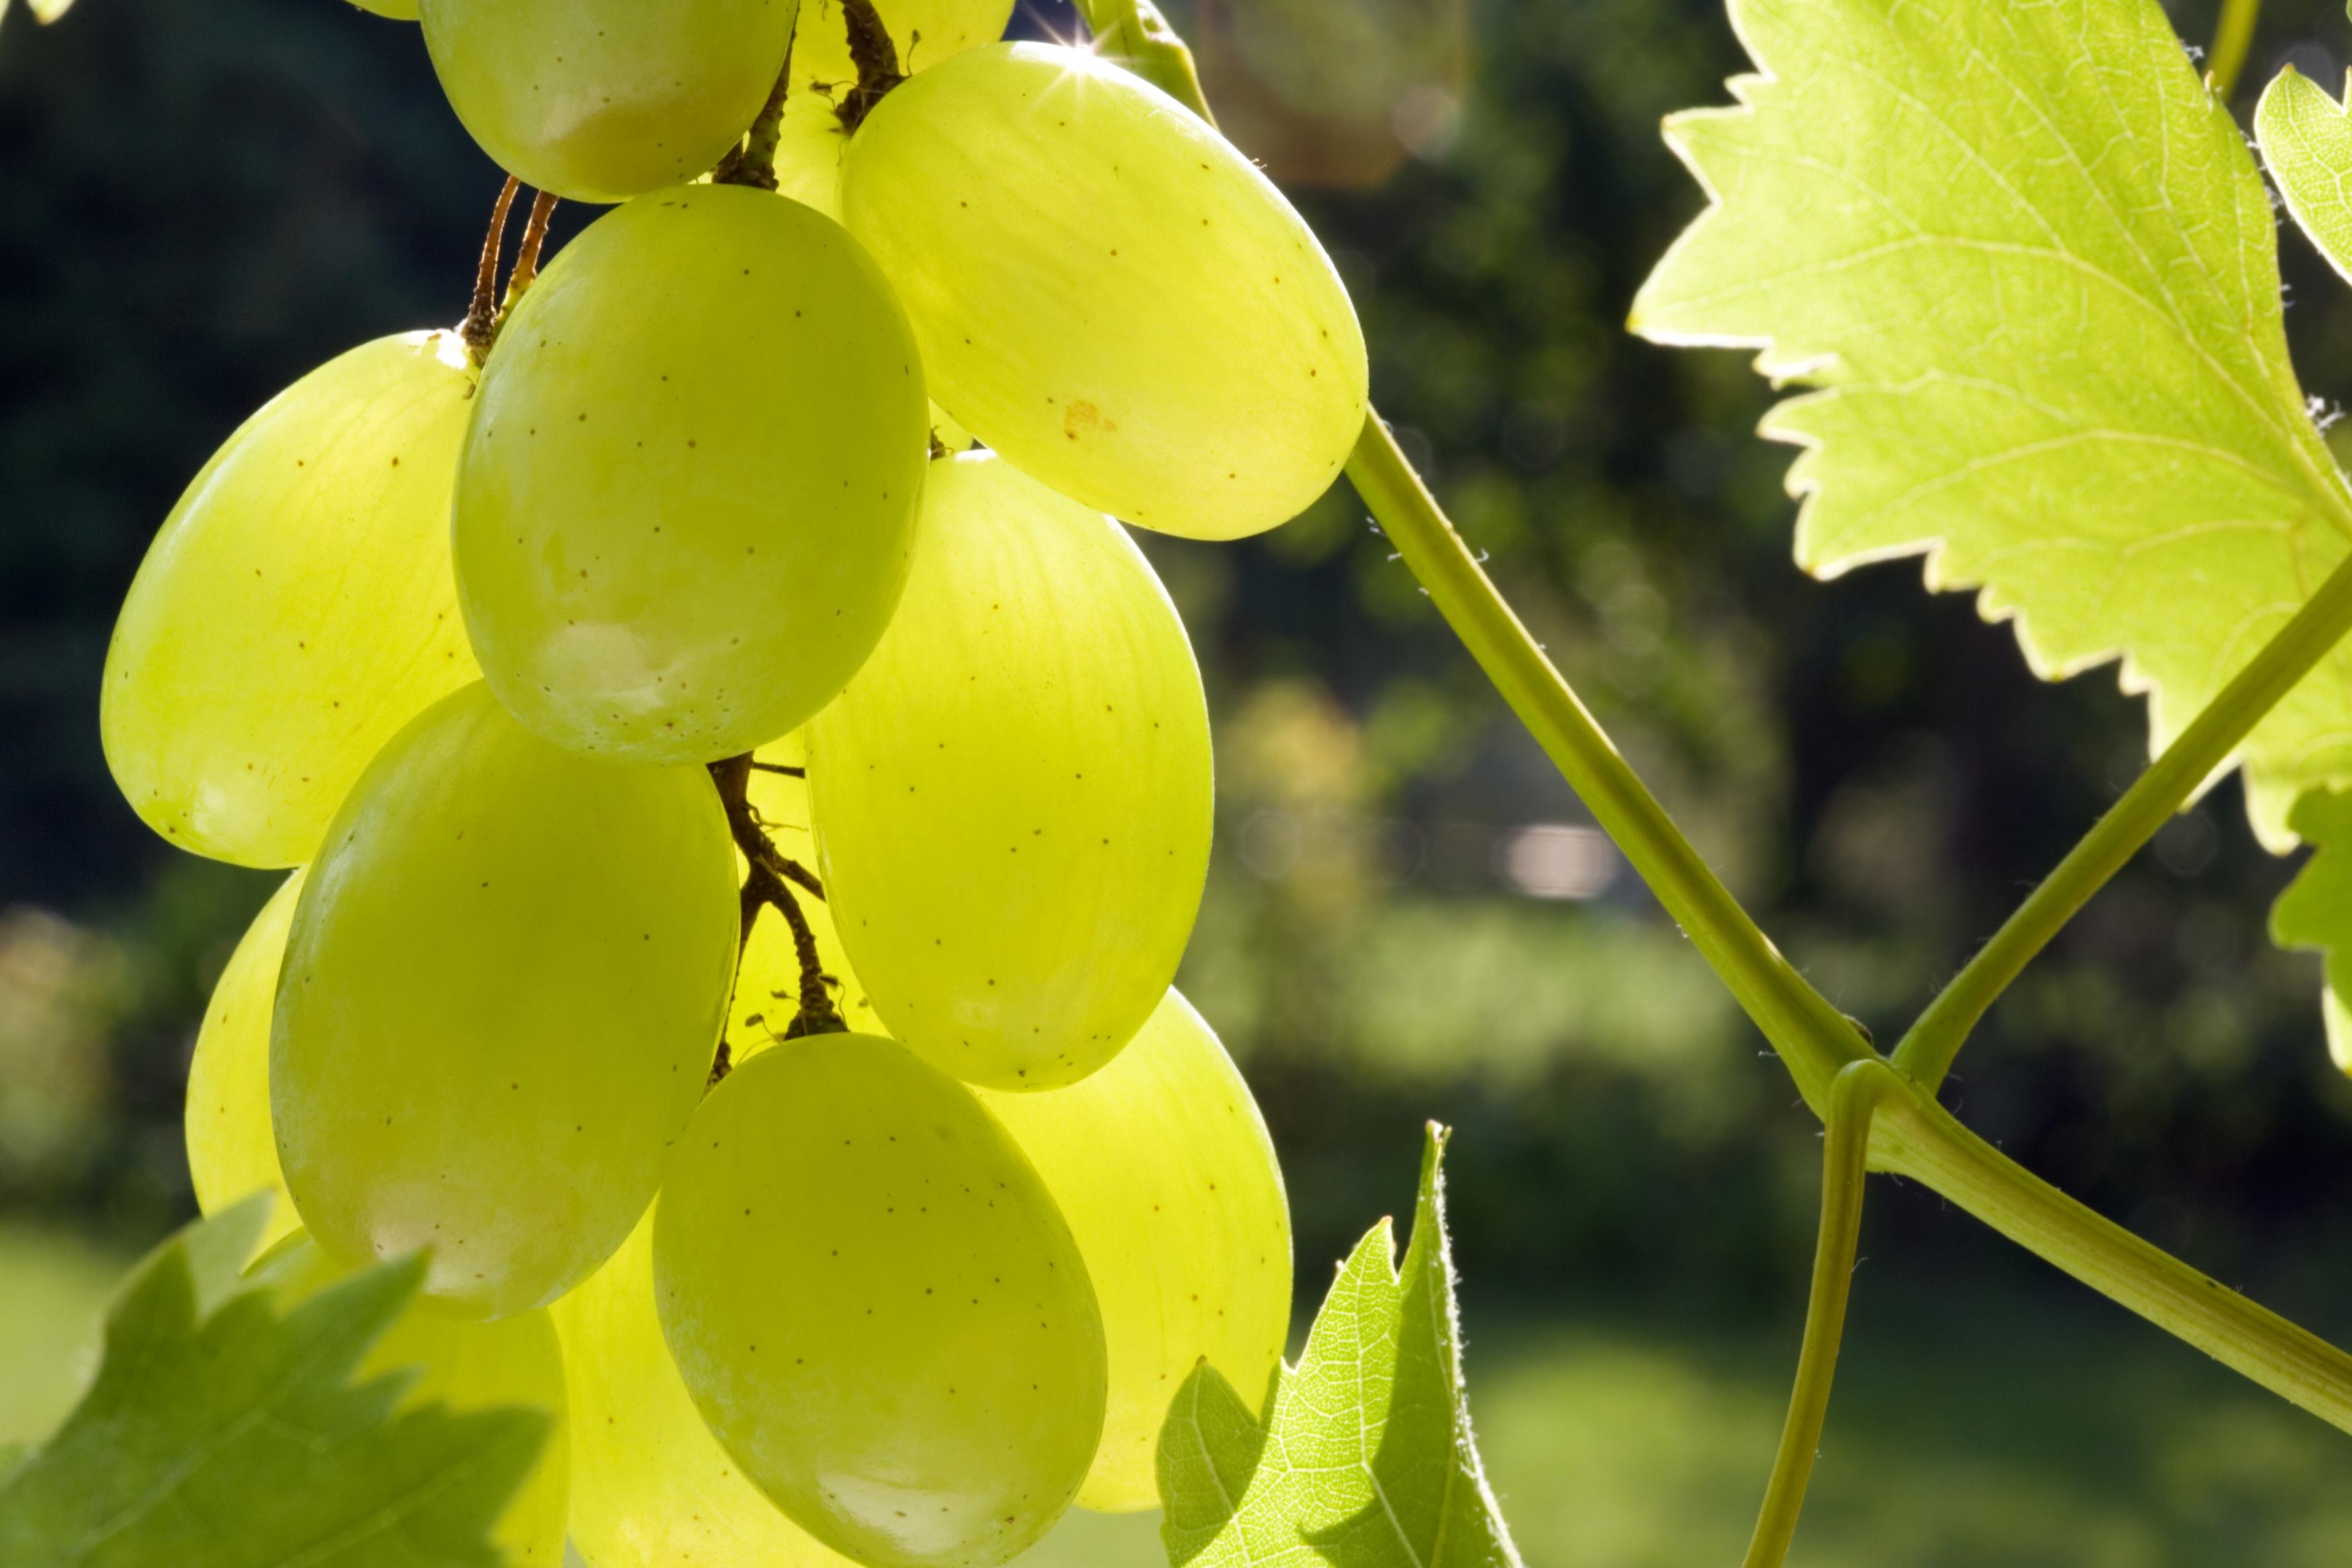 Trauben aus dem eigenen garten industrieverband agrar for Weintrauben im garten anbauen